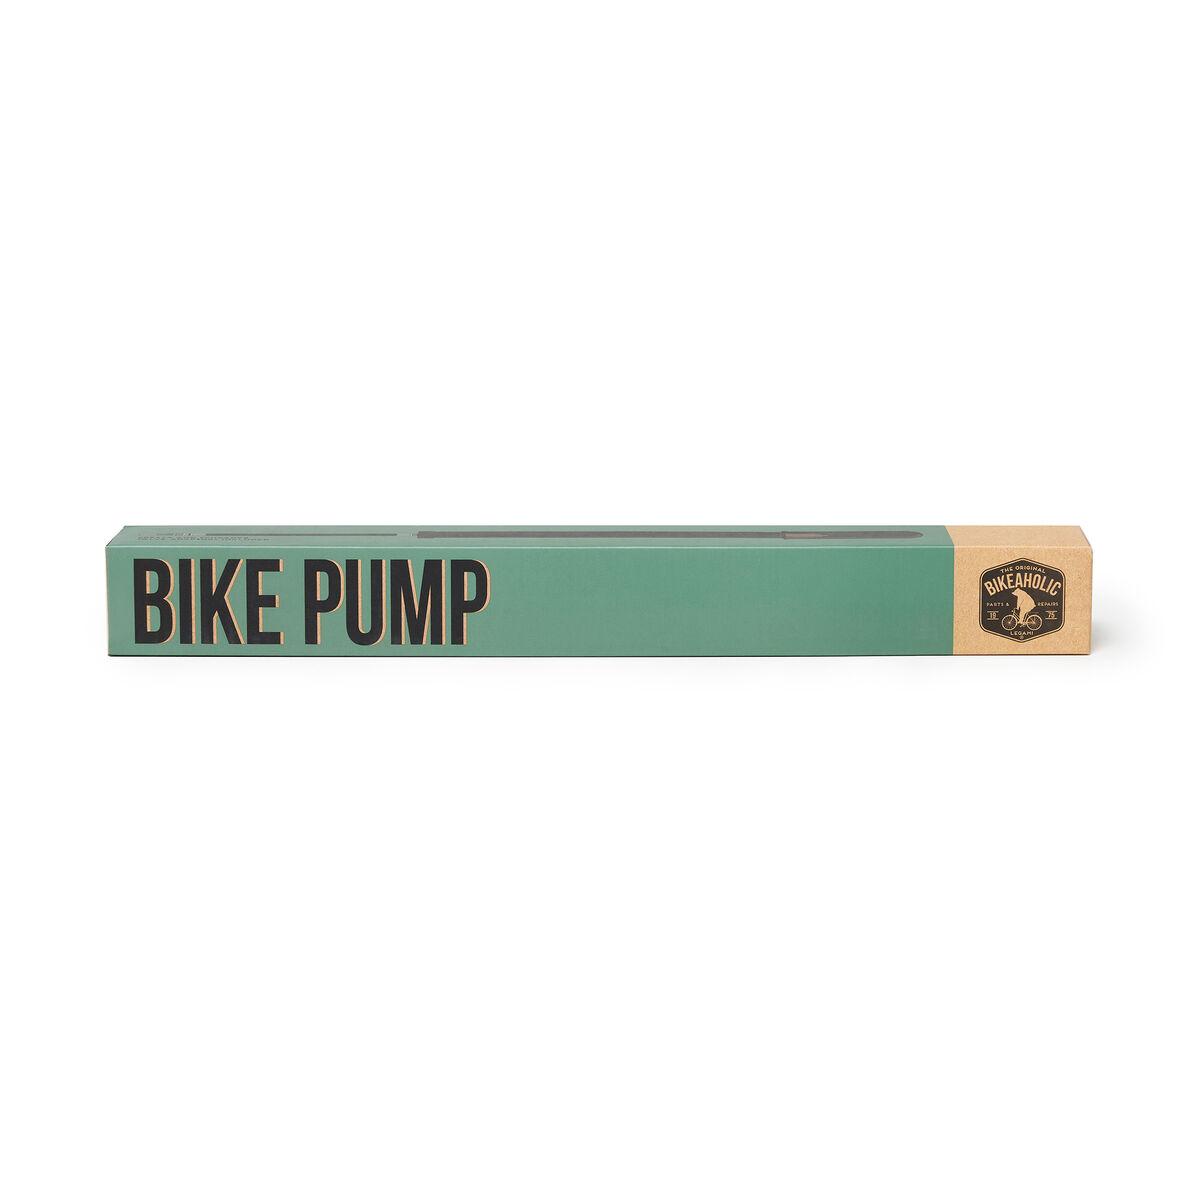 Bike Pump - Black Bicycle Pump, , zoom